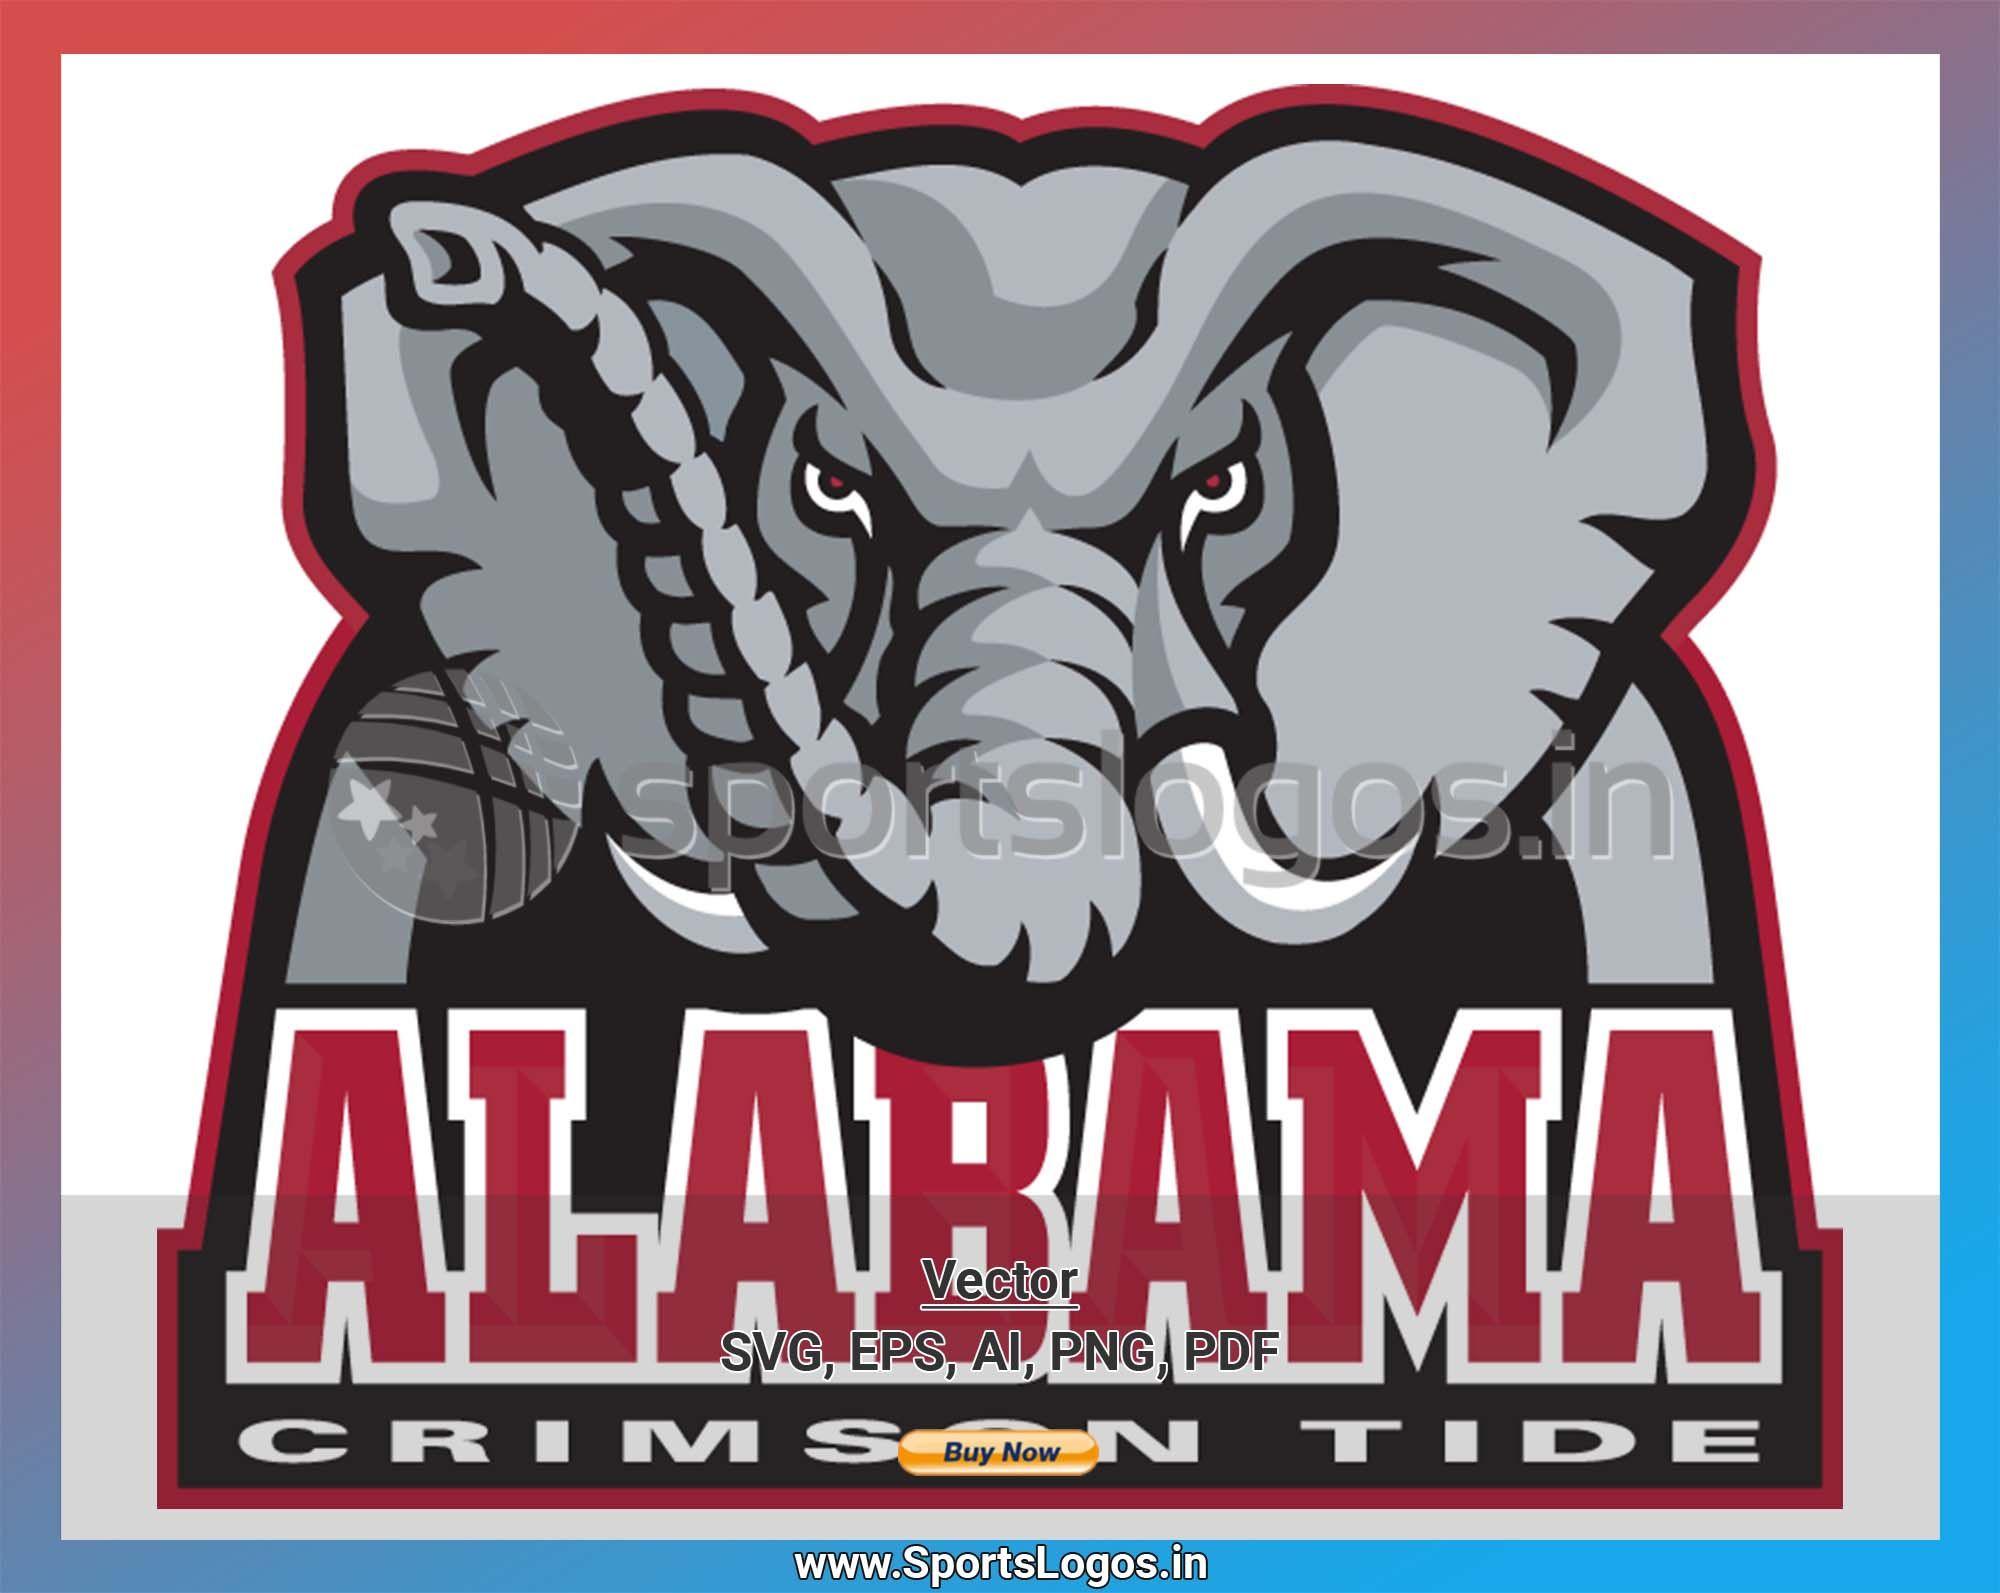 Alabama Crimson Tide 2001 2003 Ncaa Division I A C College